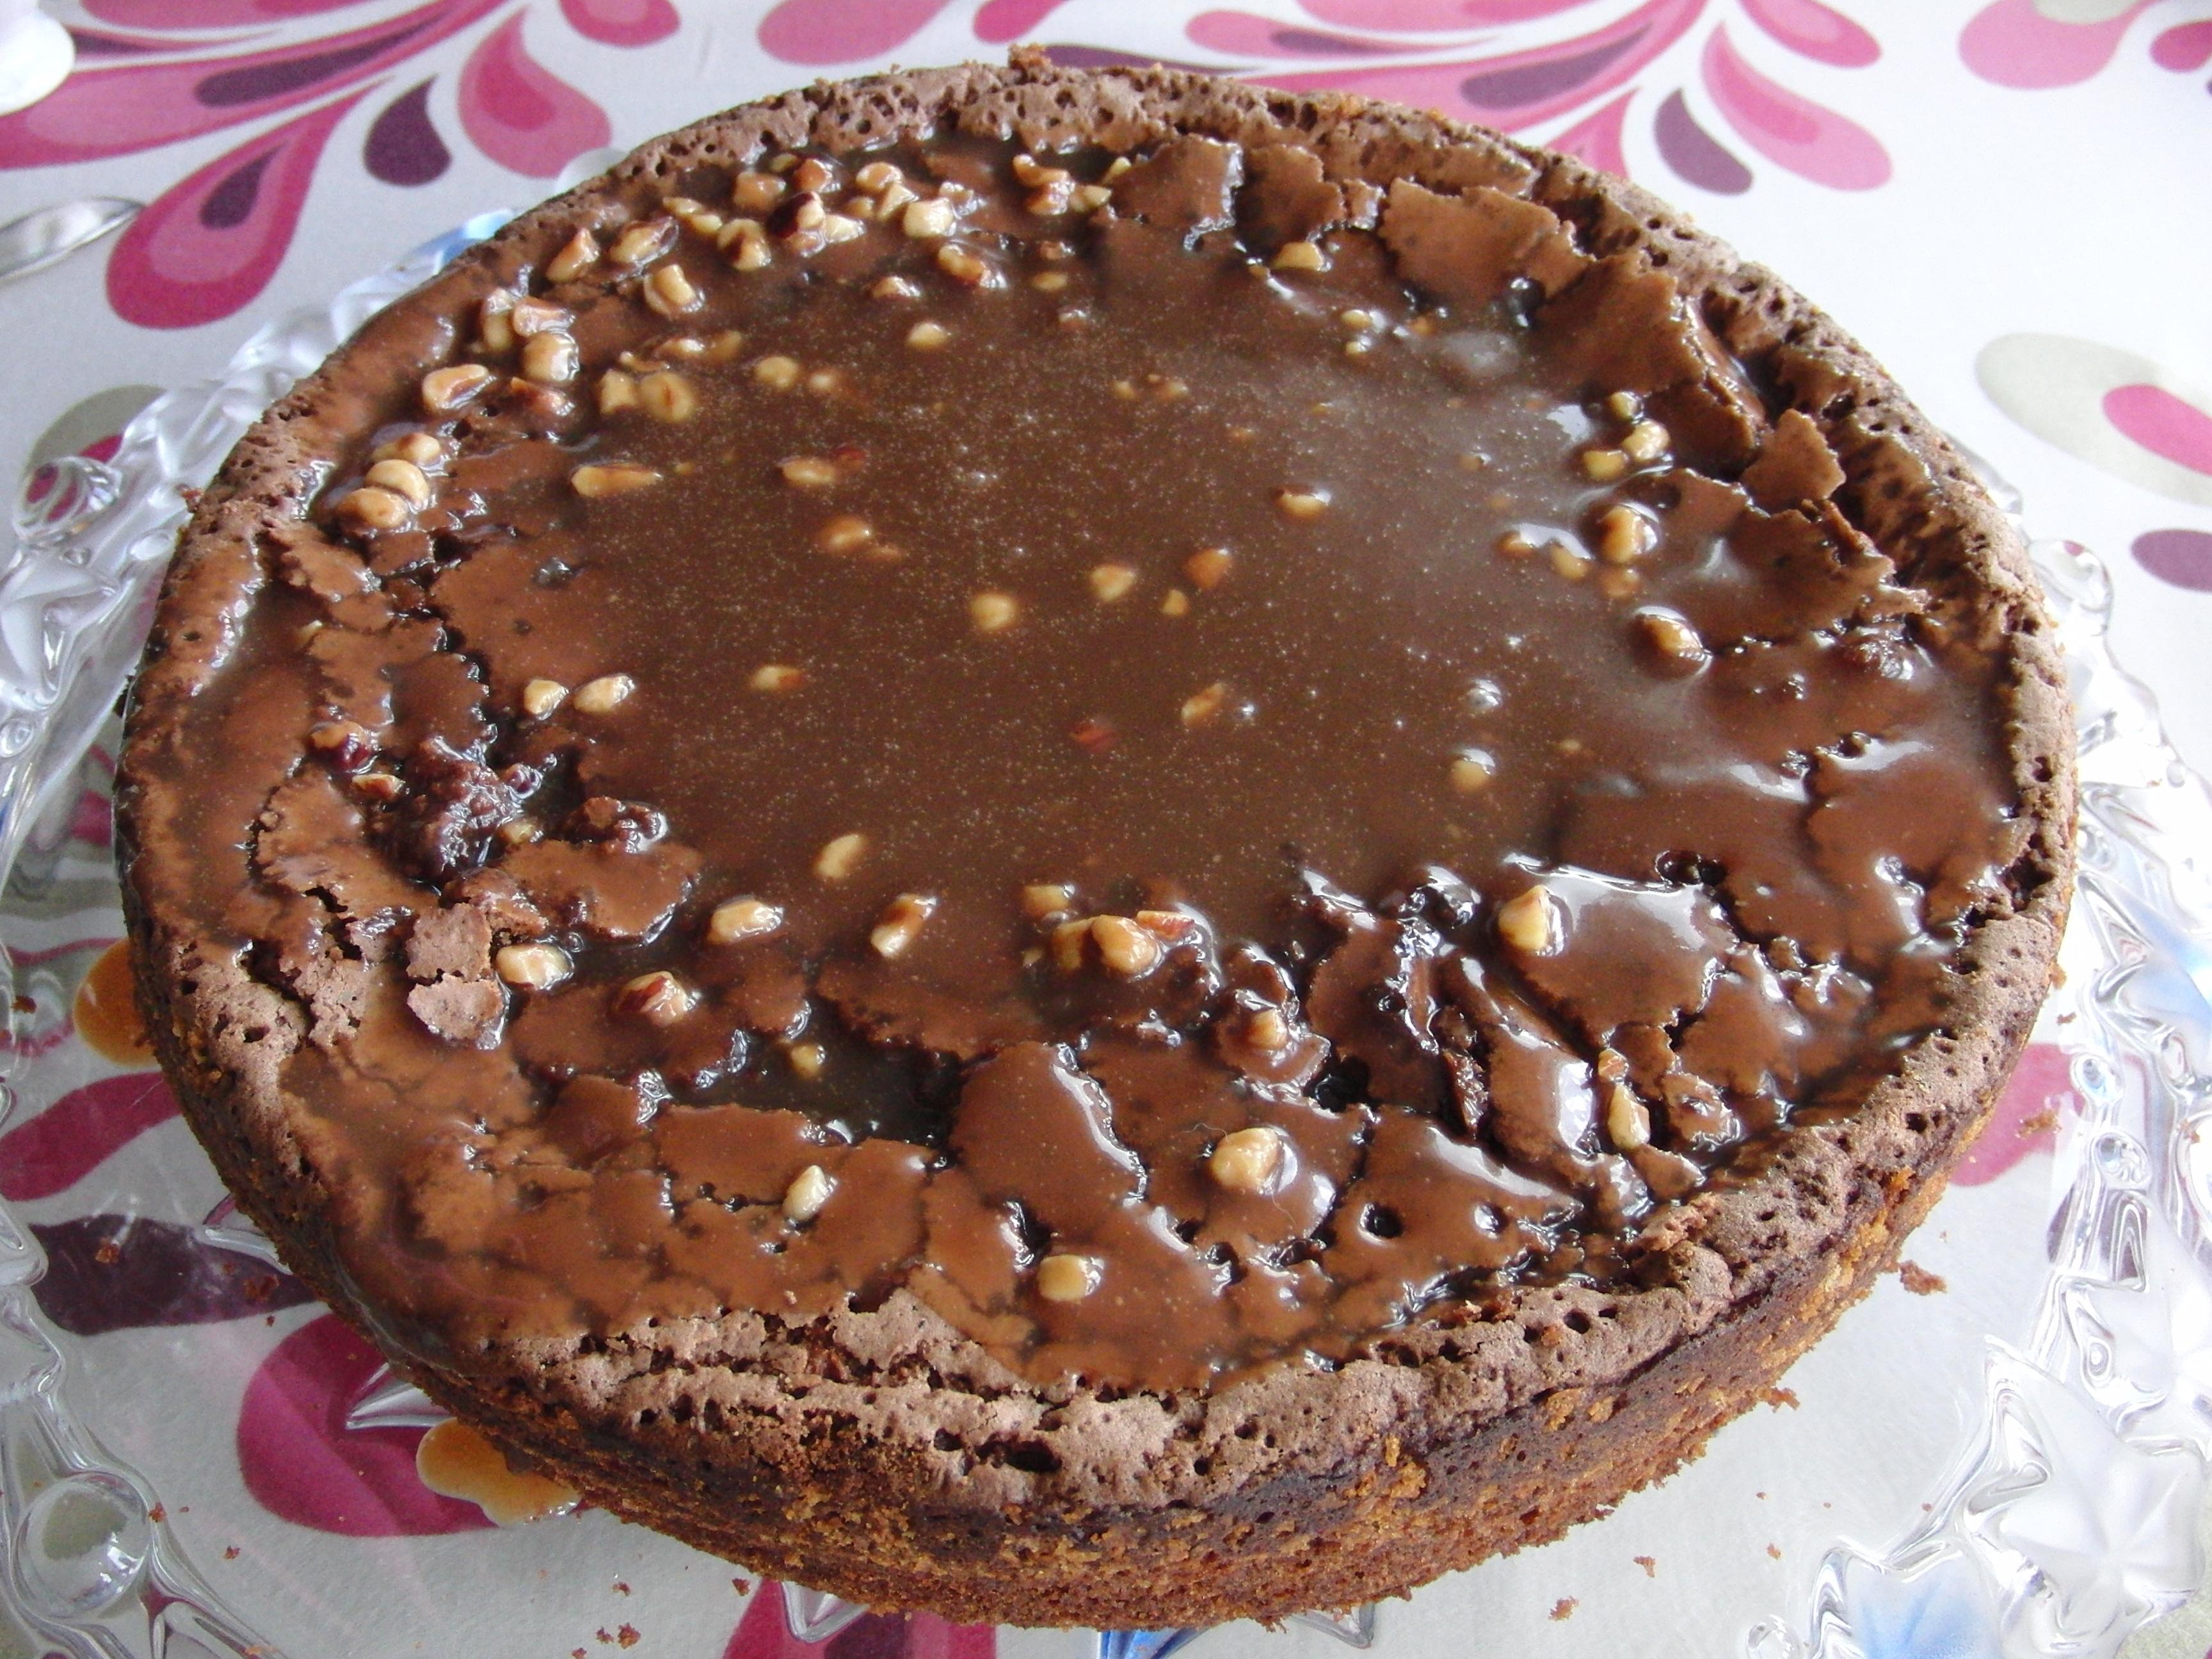 schweizernöt-tårta